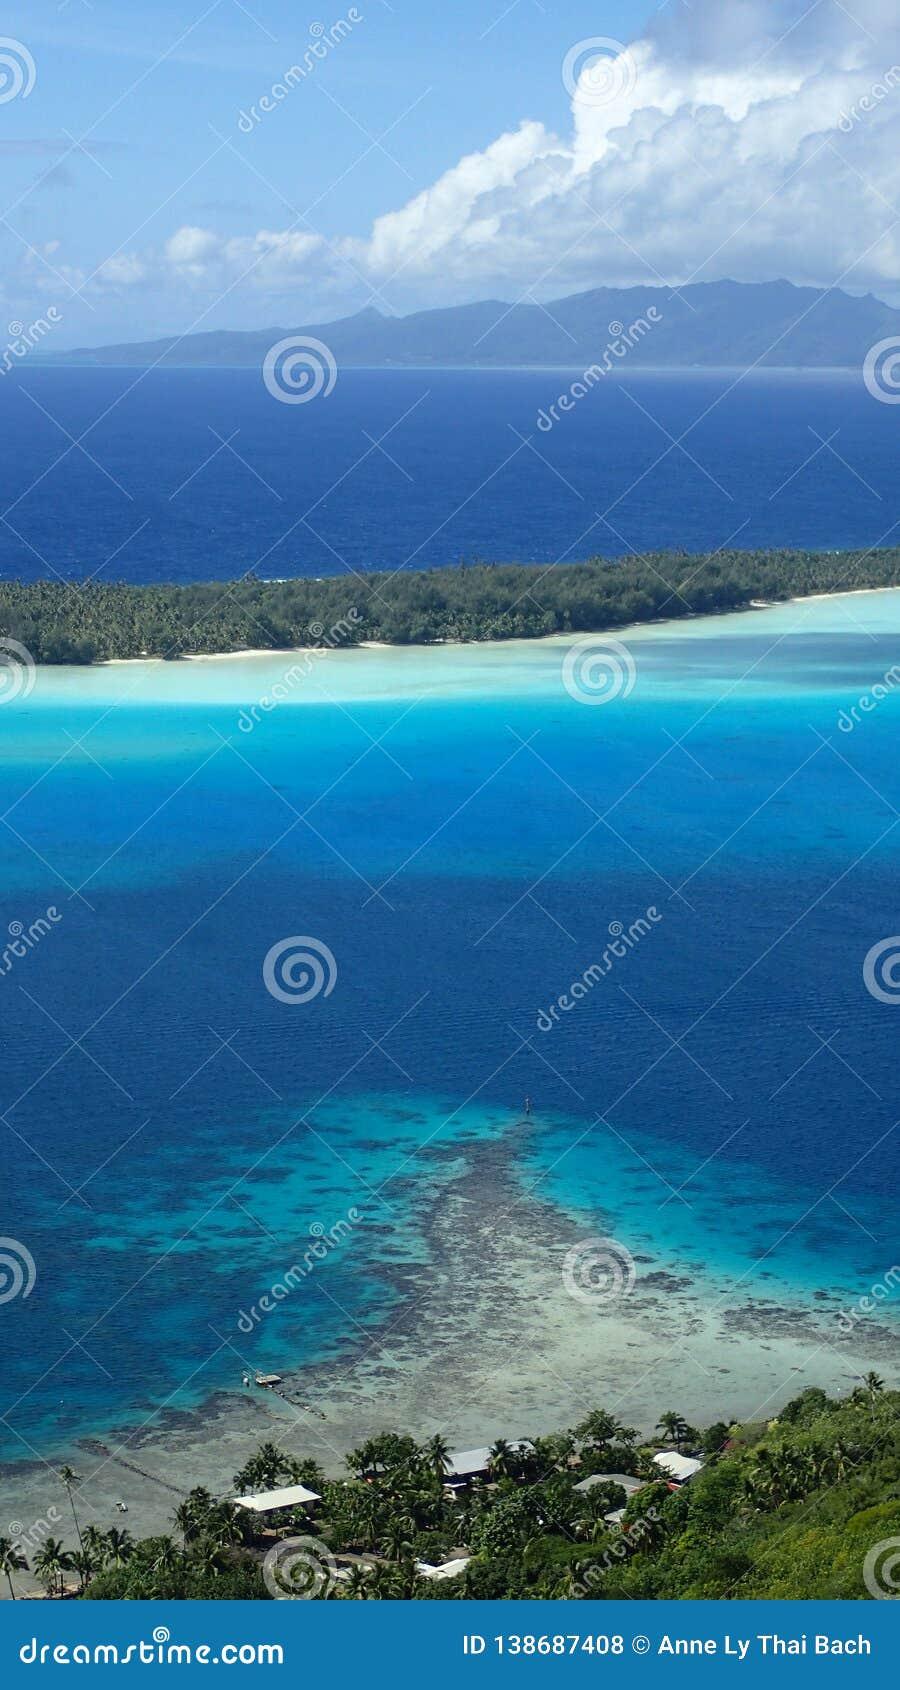 Hike Bora Bora French Polynesia Tropical Island View On The